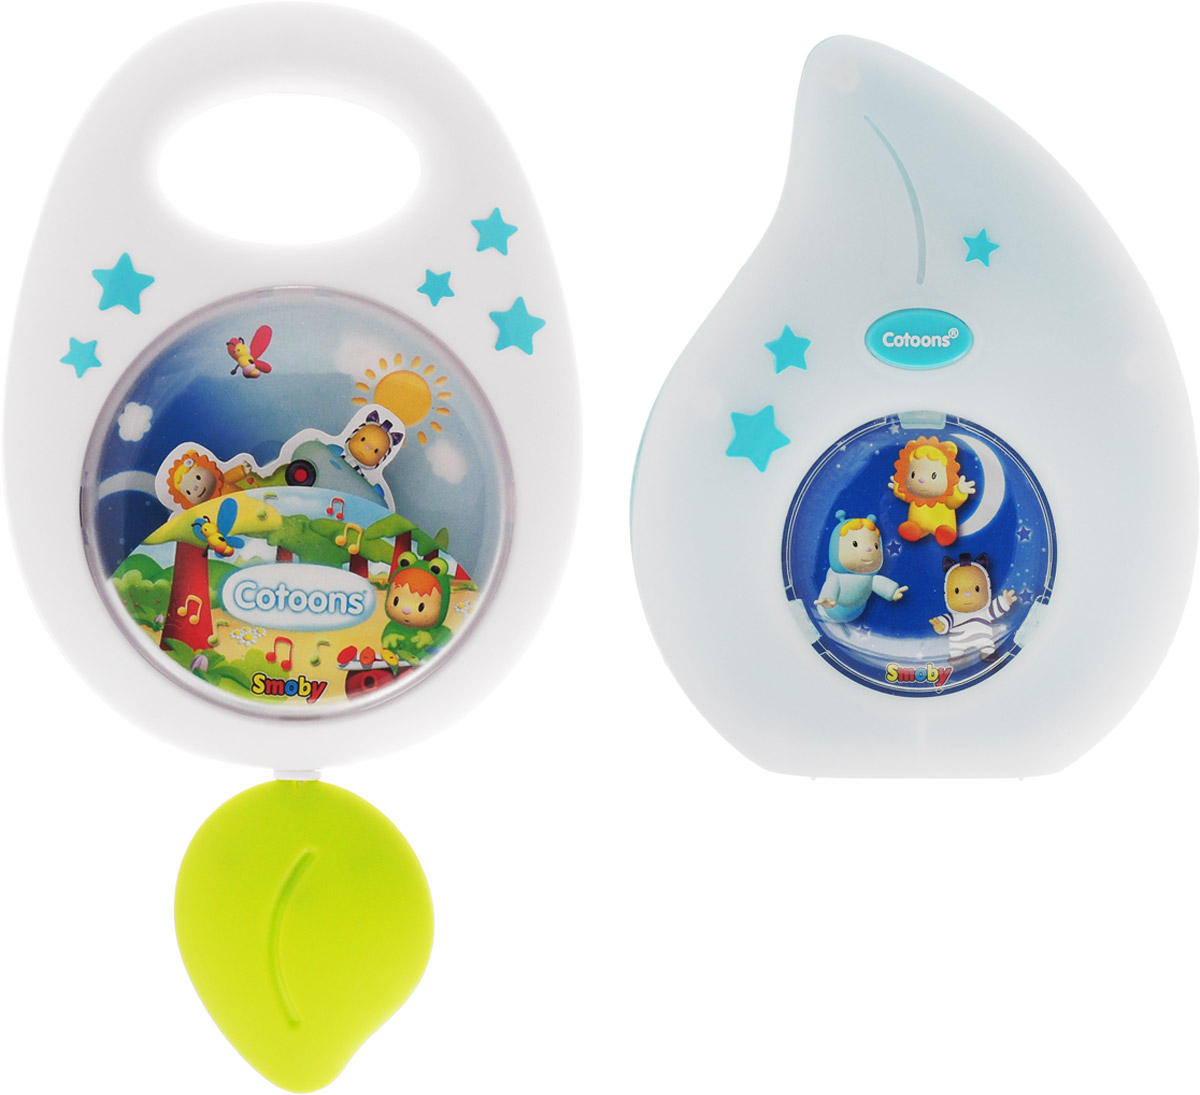 Smoby Музыкальная игрушка-подвеска Cotoons с ночником цвет белый голубой ночники smoby ночничок cotoons